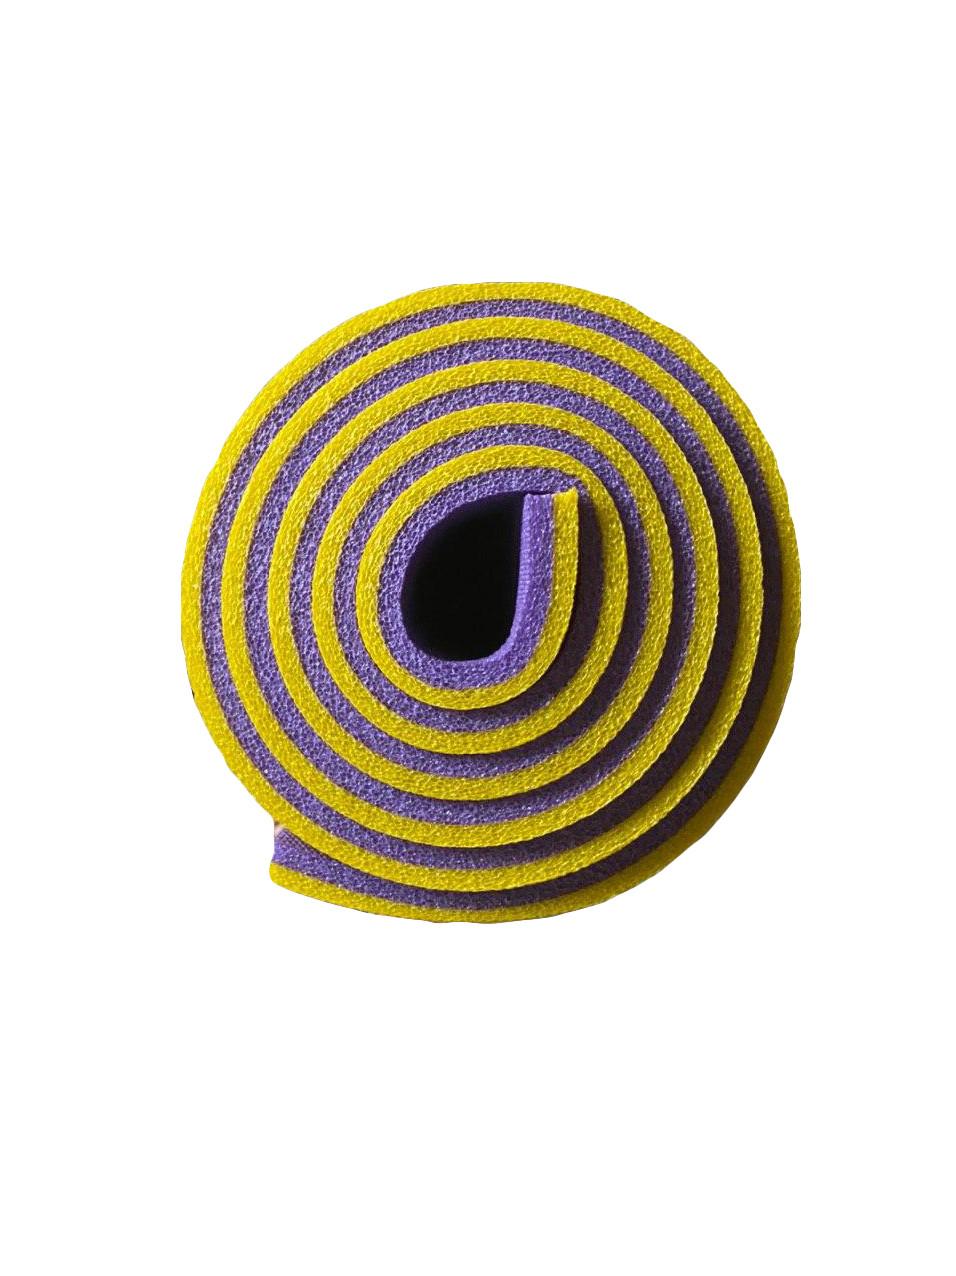 Каремат  желто-фиолетовый, двуслойный, двуцветный т. 10мм, размер 60х180 см, Производитель Украина, TERMOIZOL®